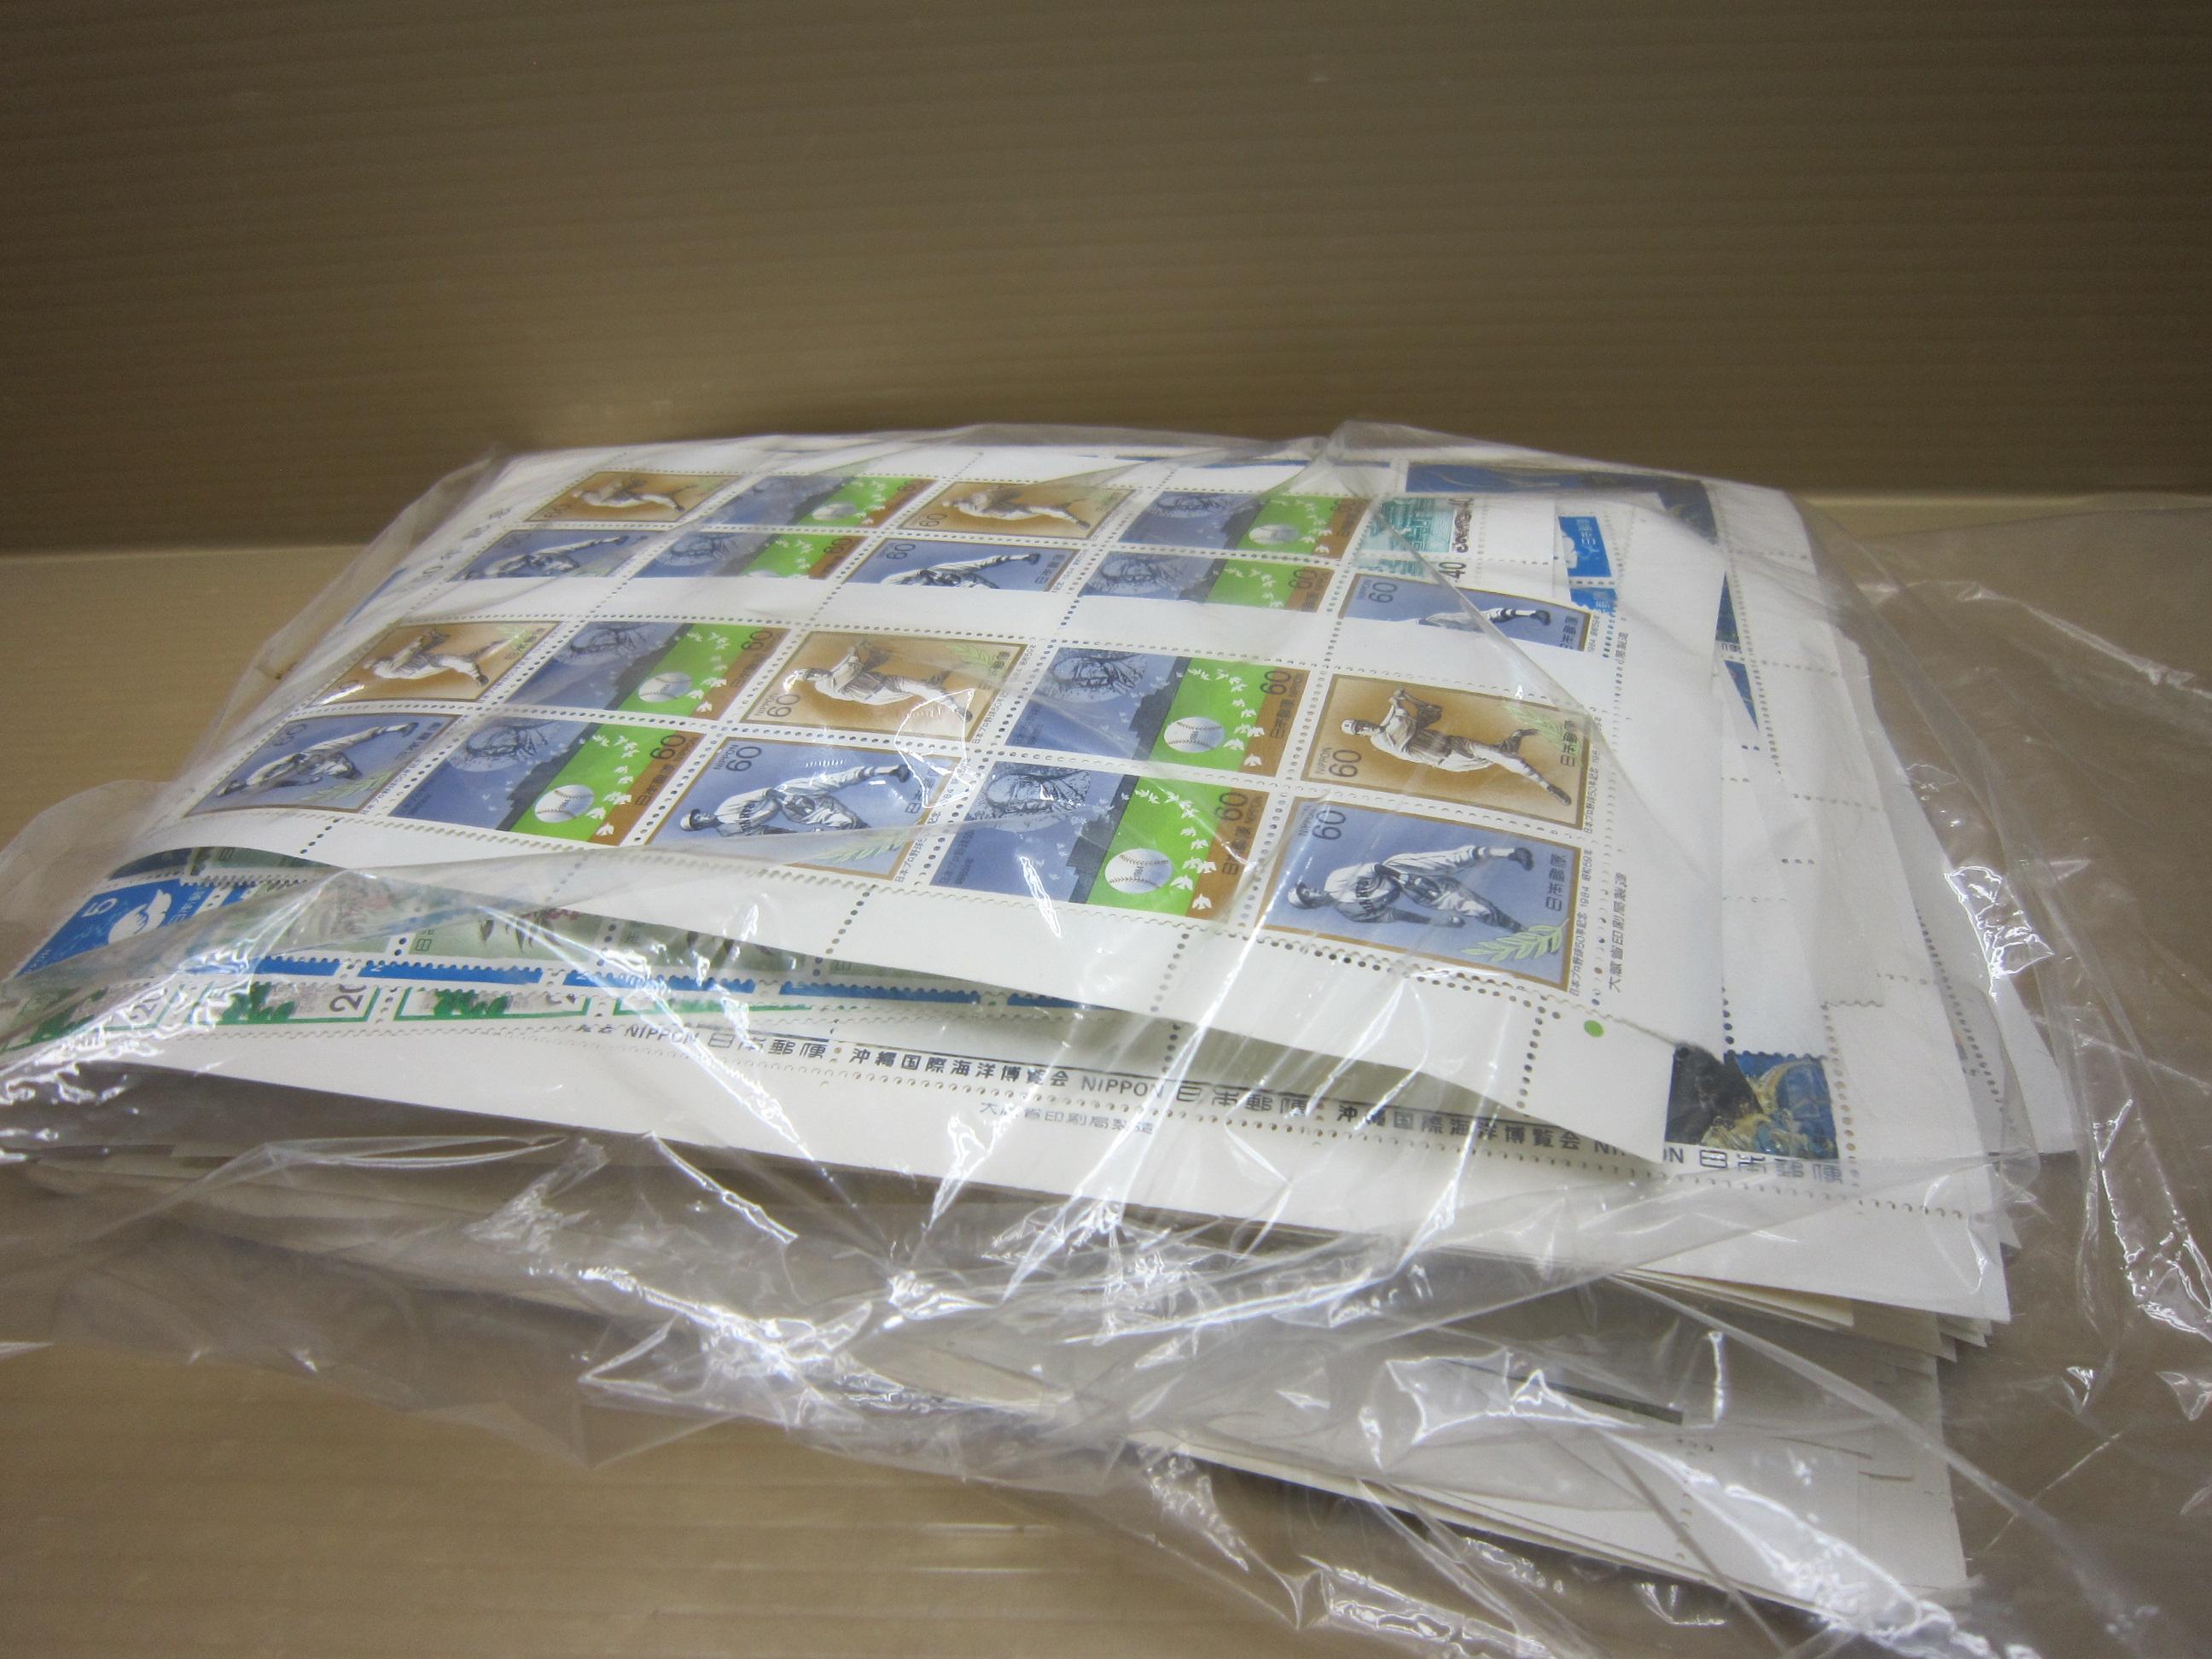 58e906916035 ジャム鳥取店|切手大量にお売りいただきました。昔集めていた切手 ...